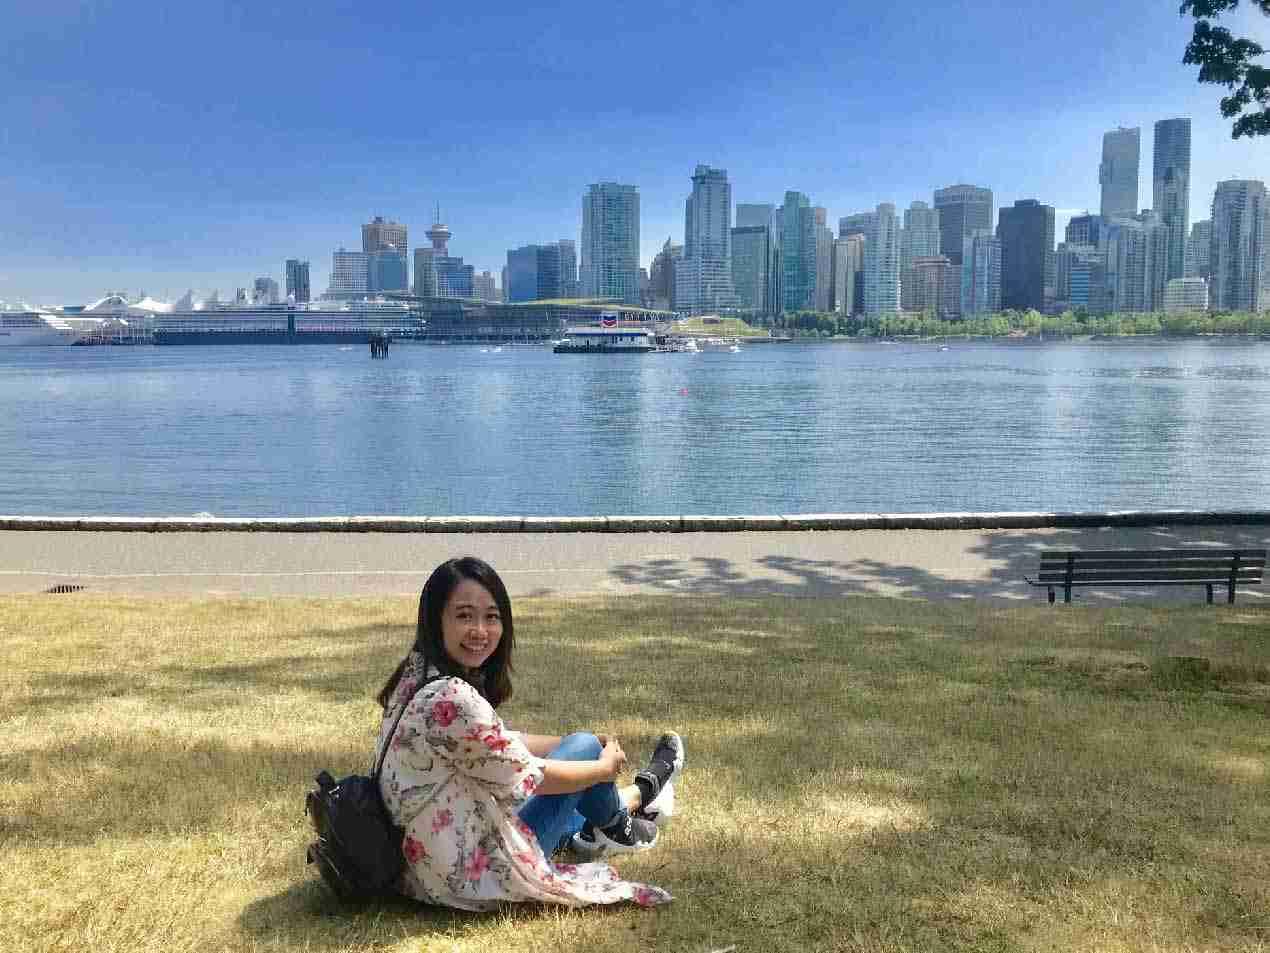 加拿大學生心得分享 – 阿兔 (溫哥華必來 史丹利公園)